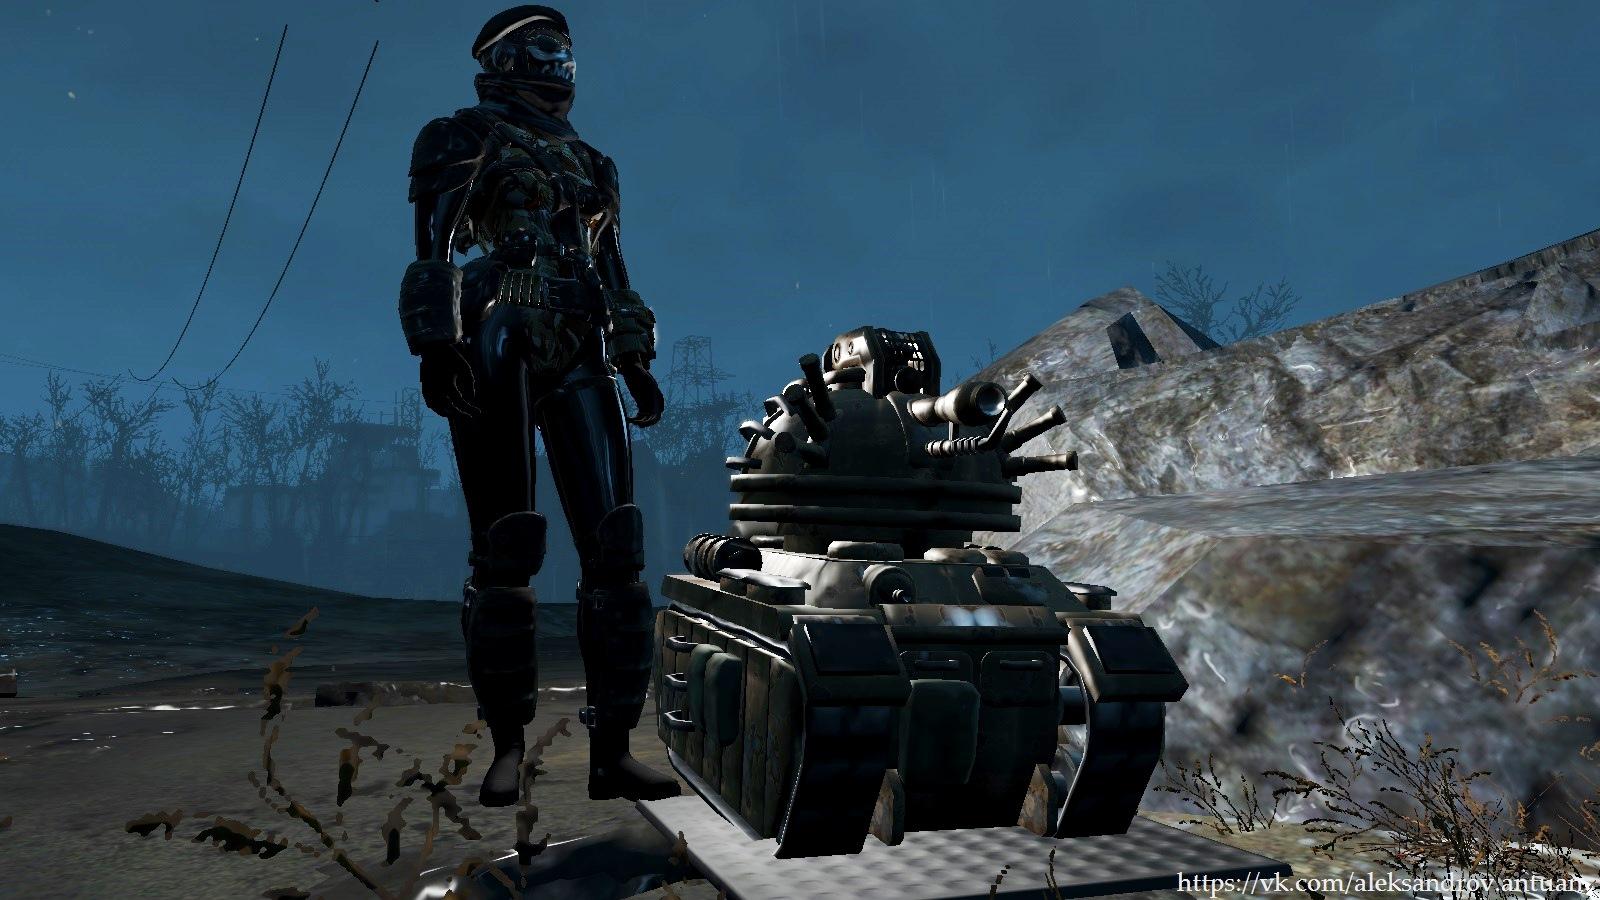 Огнемётный танк-робот на боевом посту ... - Fallout 4 automatron_sd_tank, огнемётный танк, танк-робот